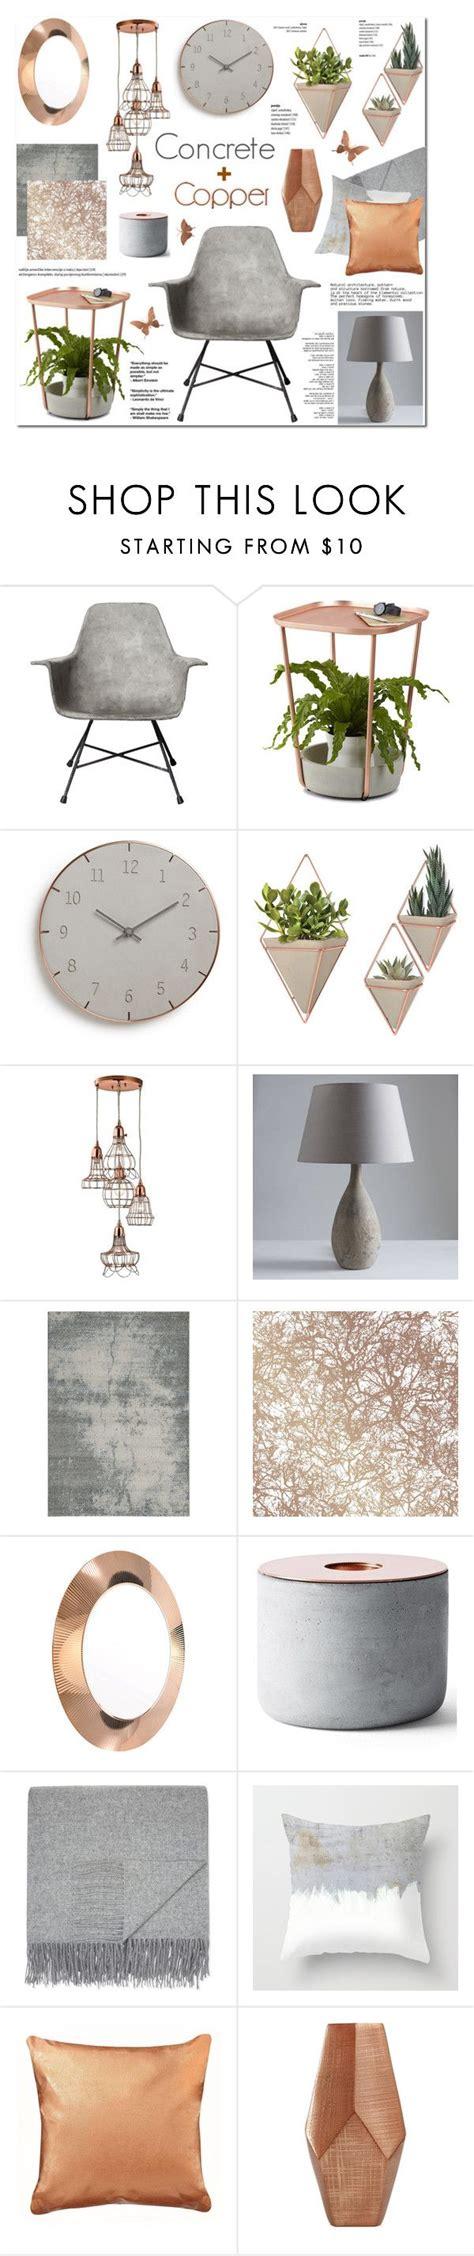 Umbra Home Decor 1000 Ideas About Decorative Concrete On Pinterest